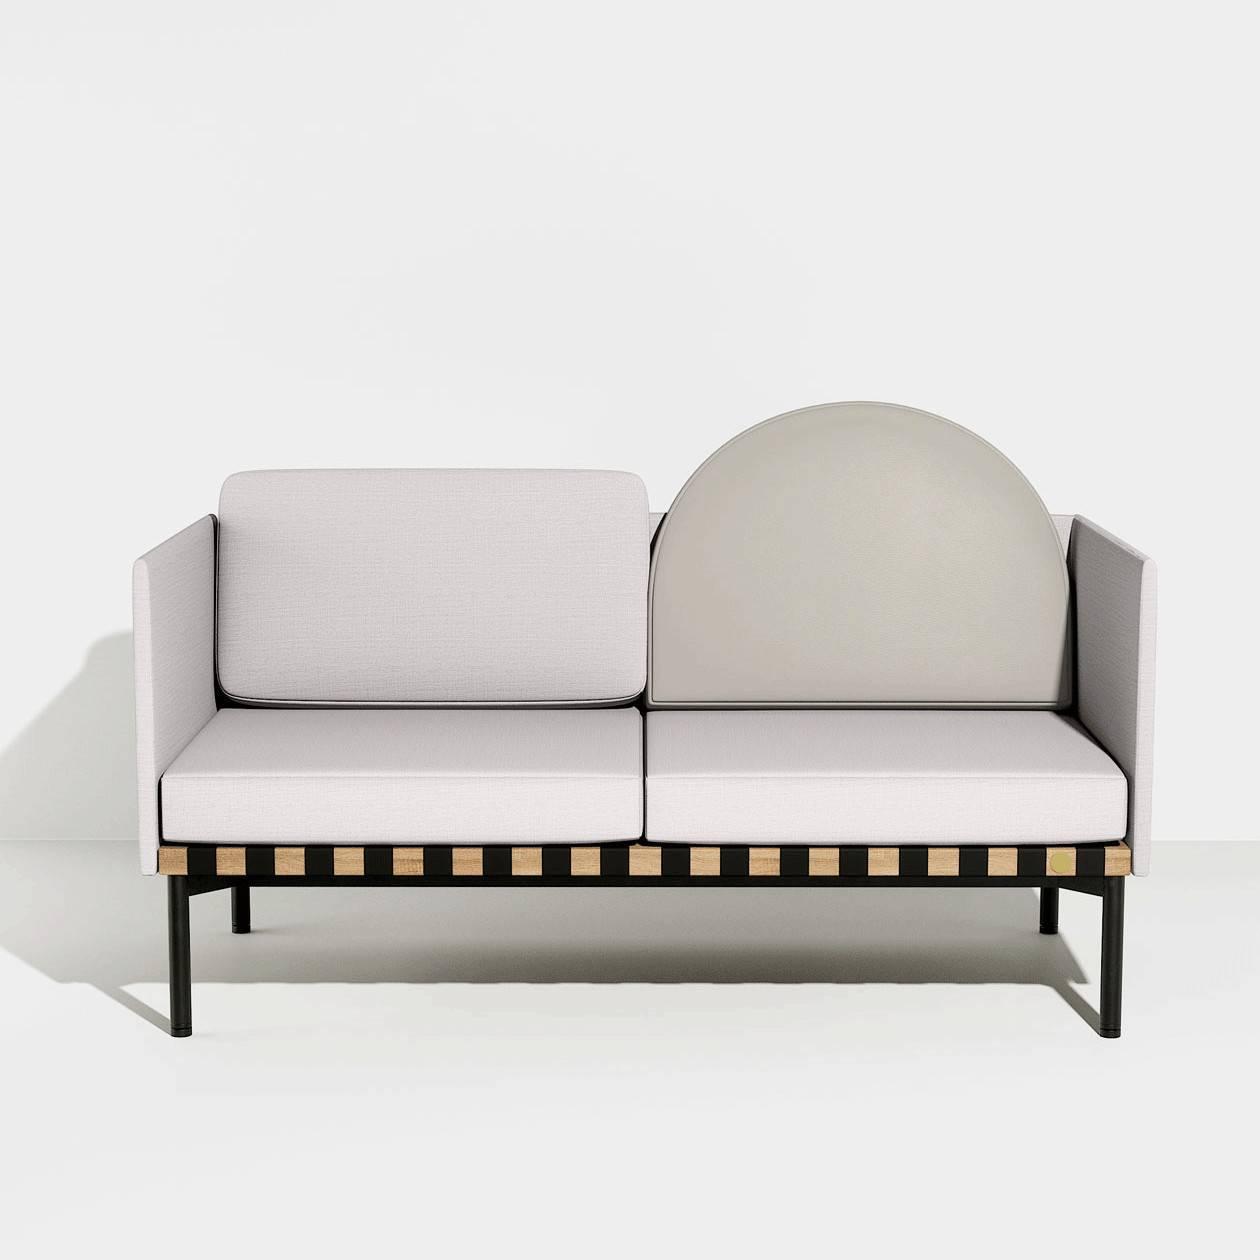 H Et H Canapé canapé moderne grid - livraison gratuite - petite friture ®